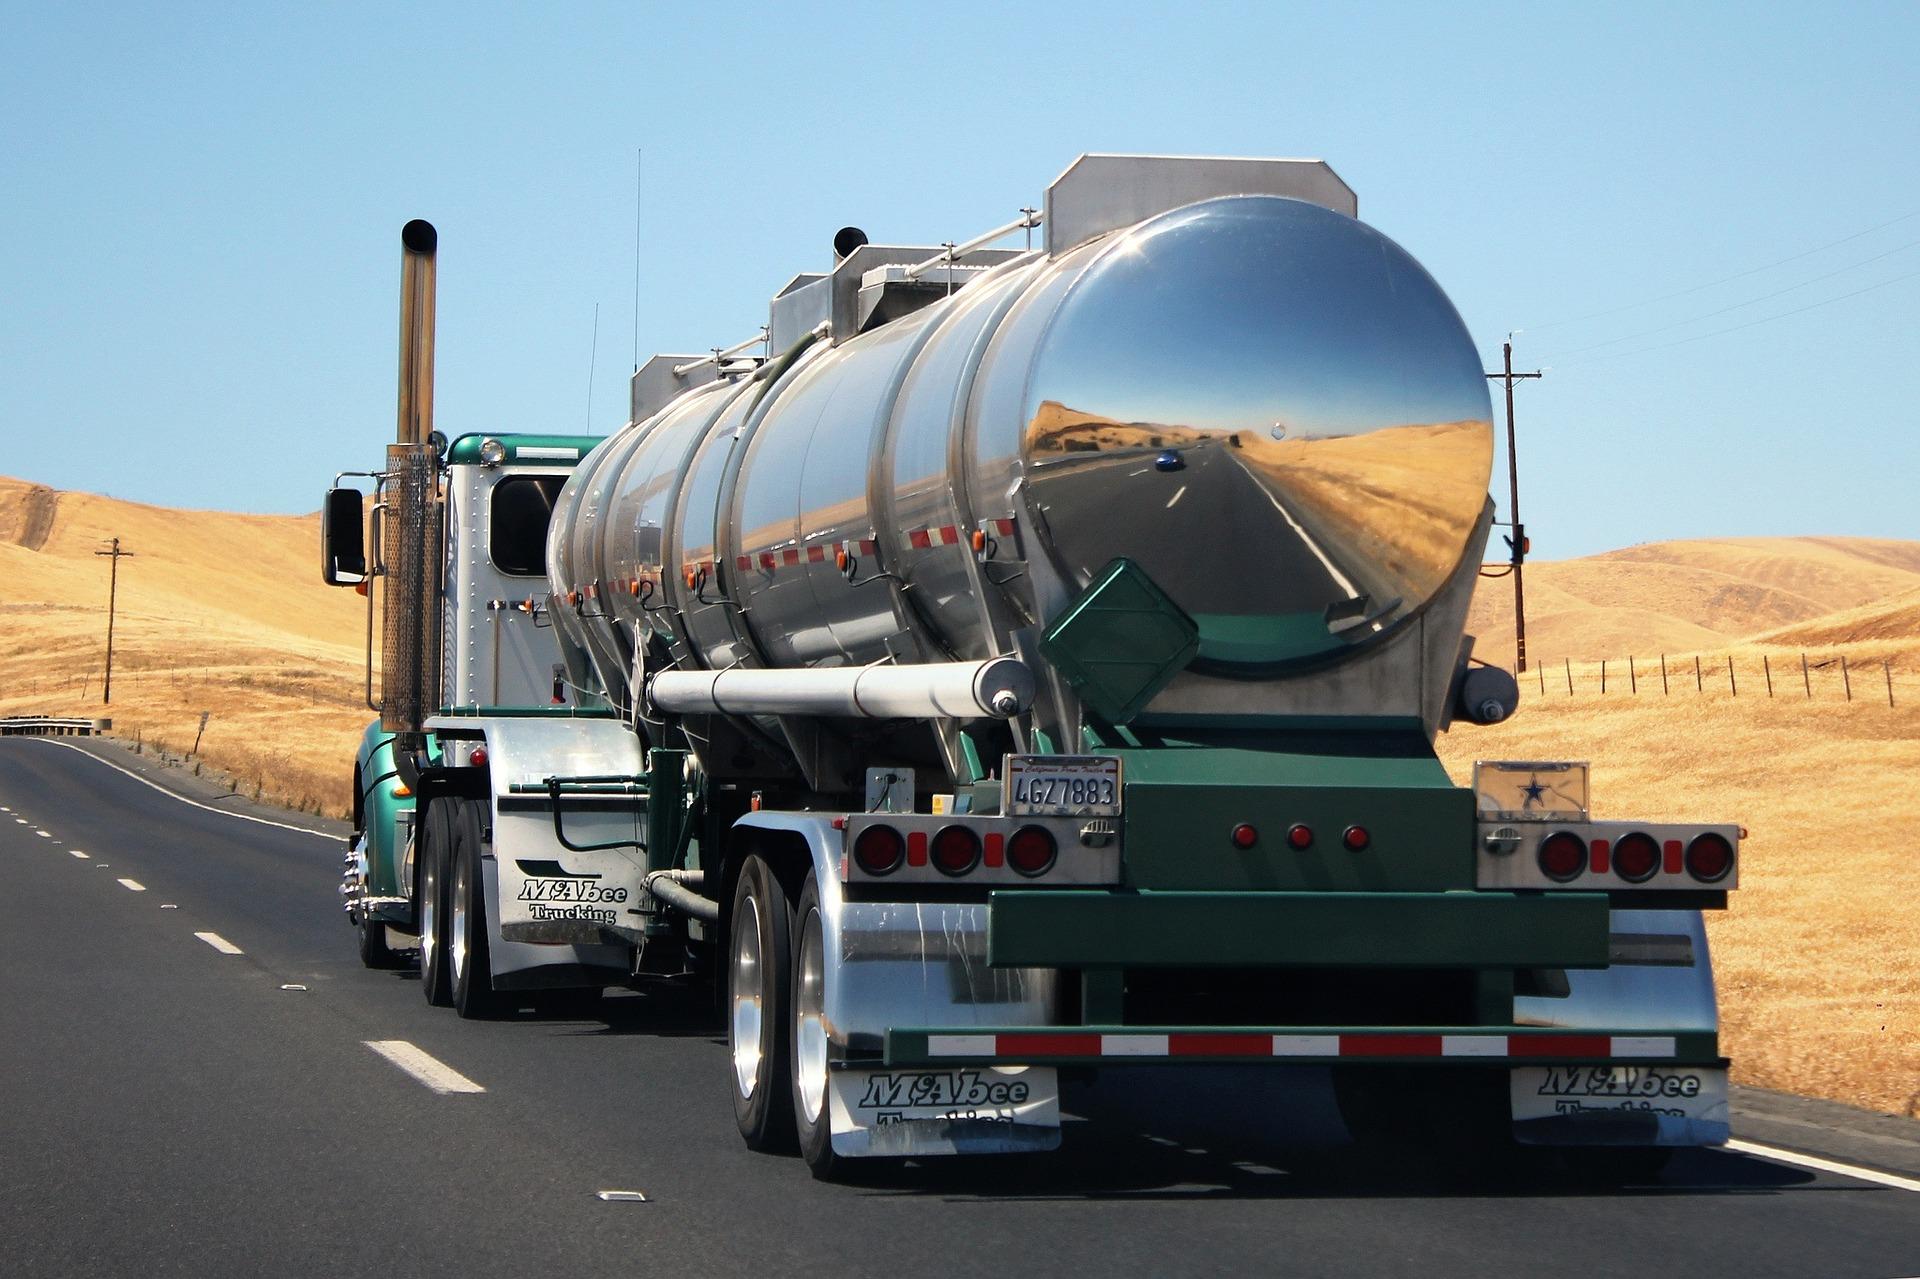 truck-1181063_1920.jpg